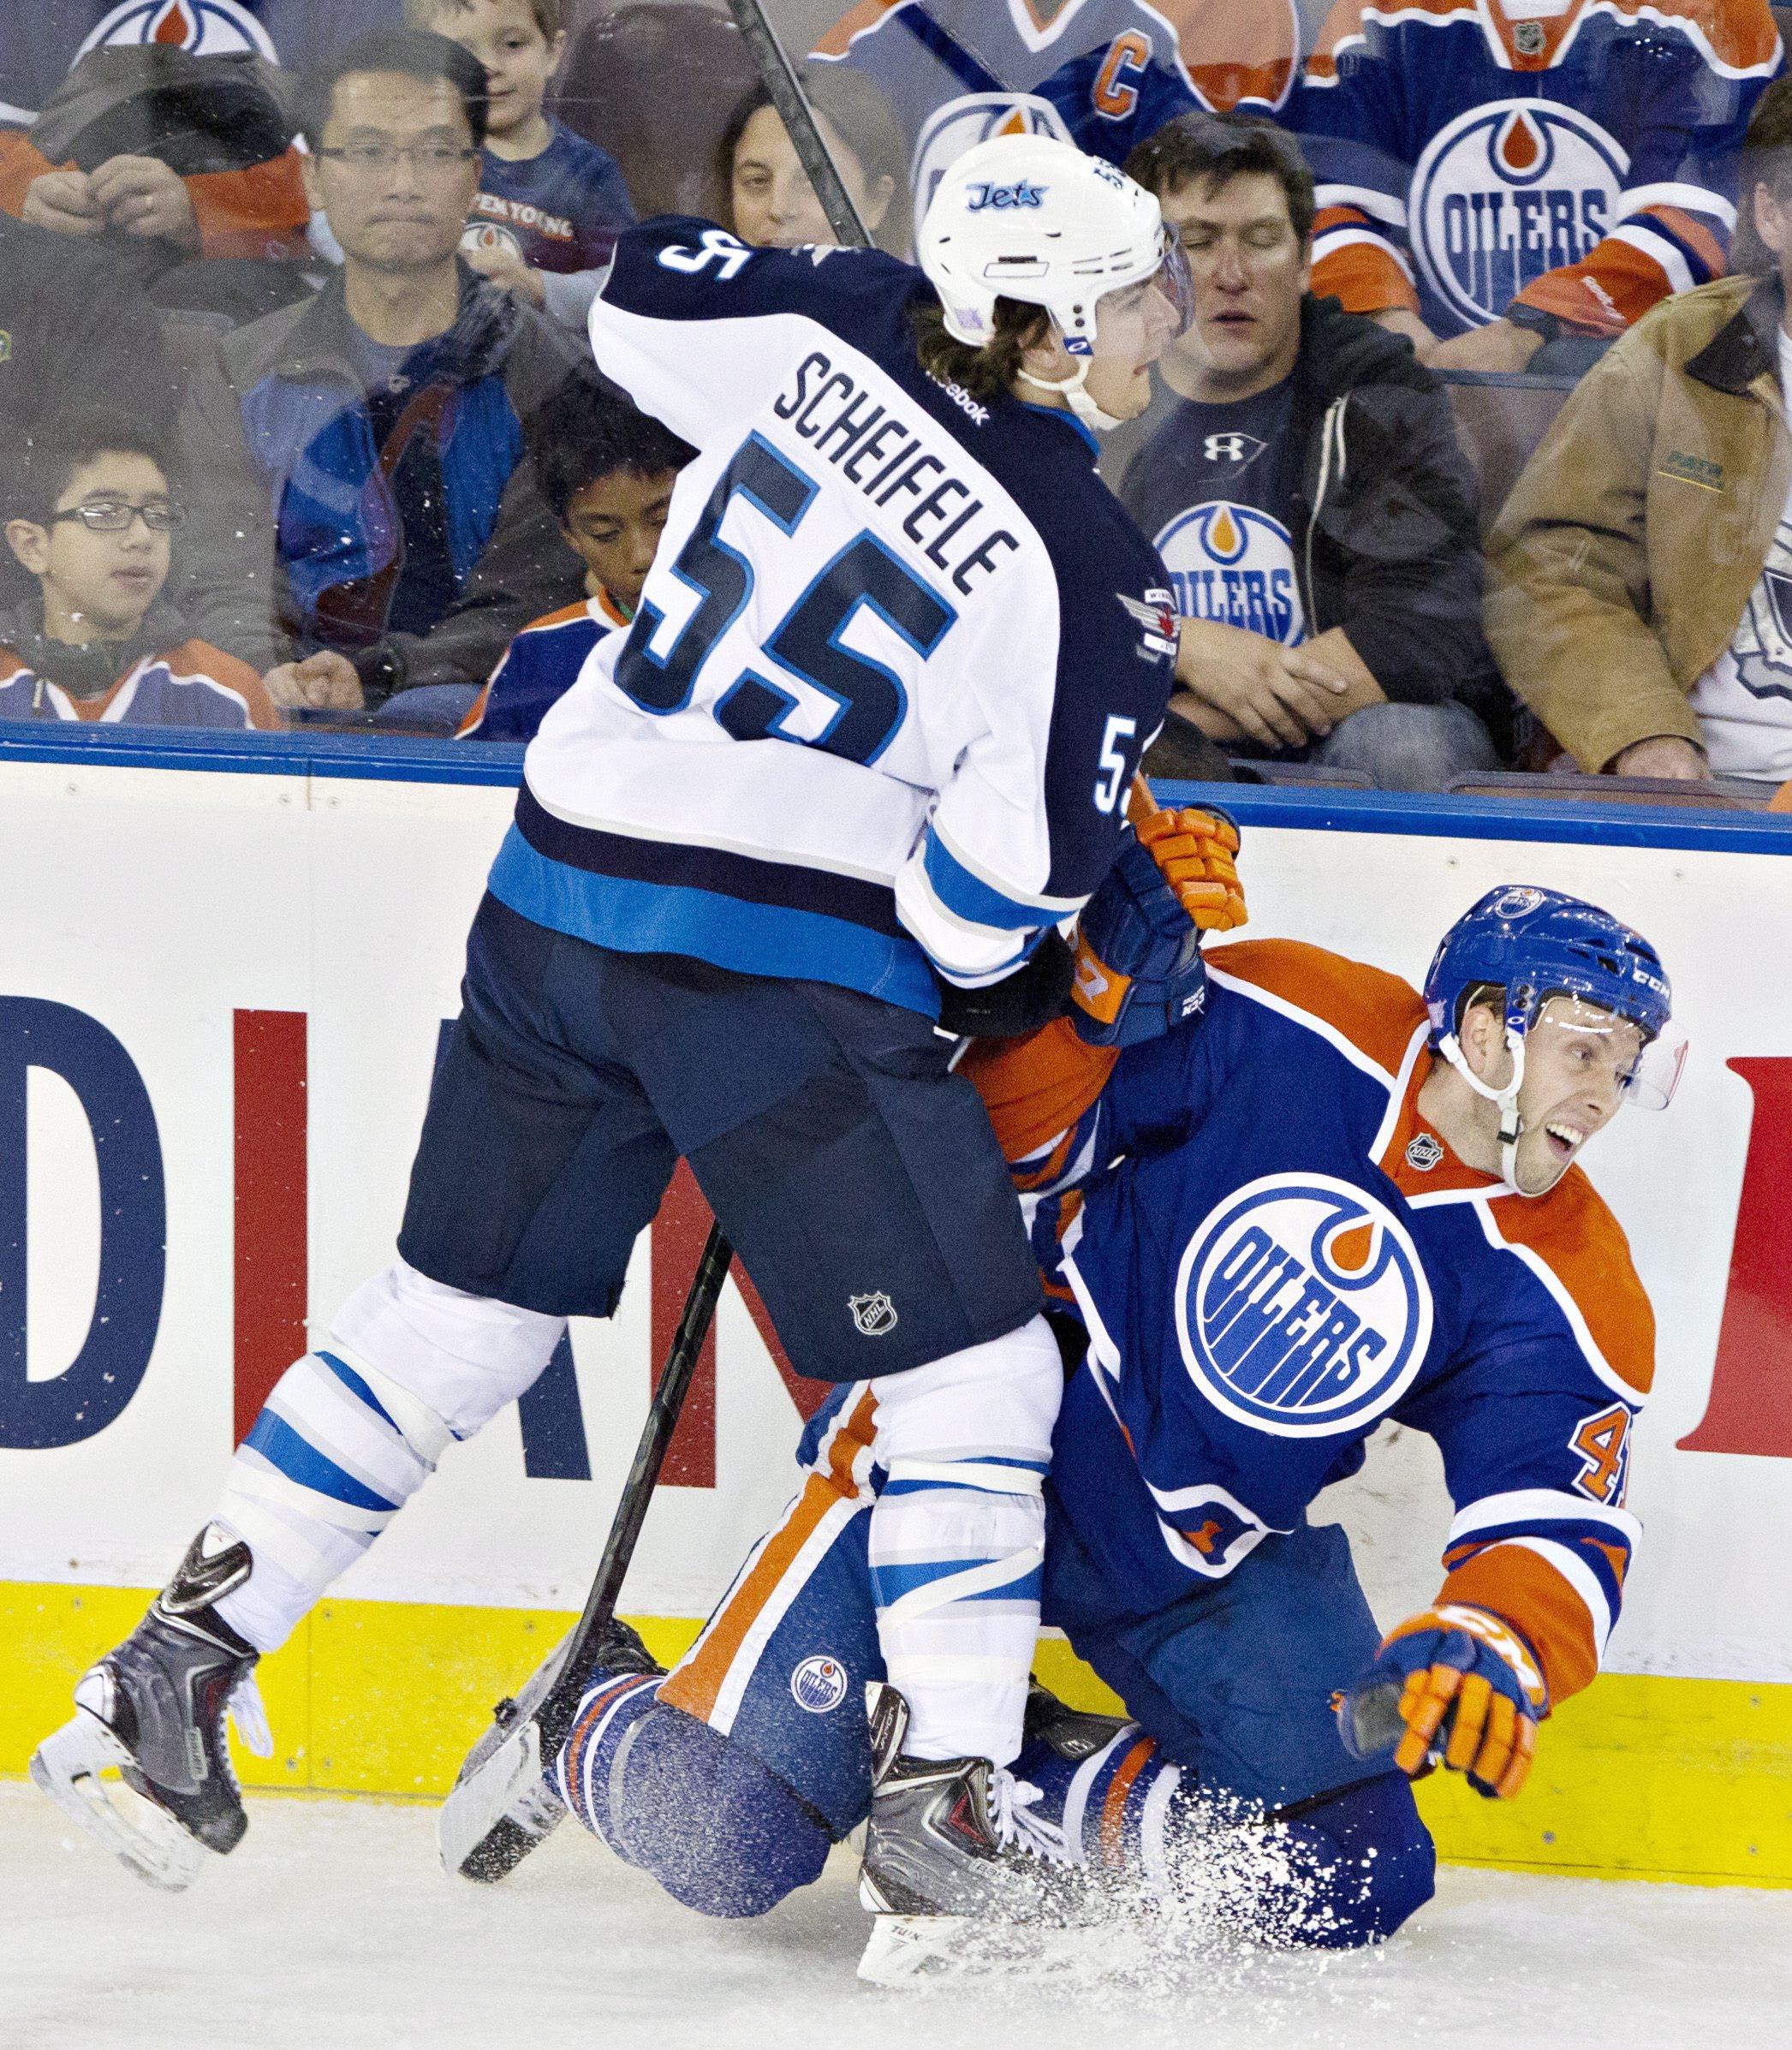 Frolik nets 2, Jets top Oilers in season opener